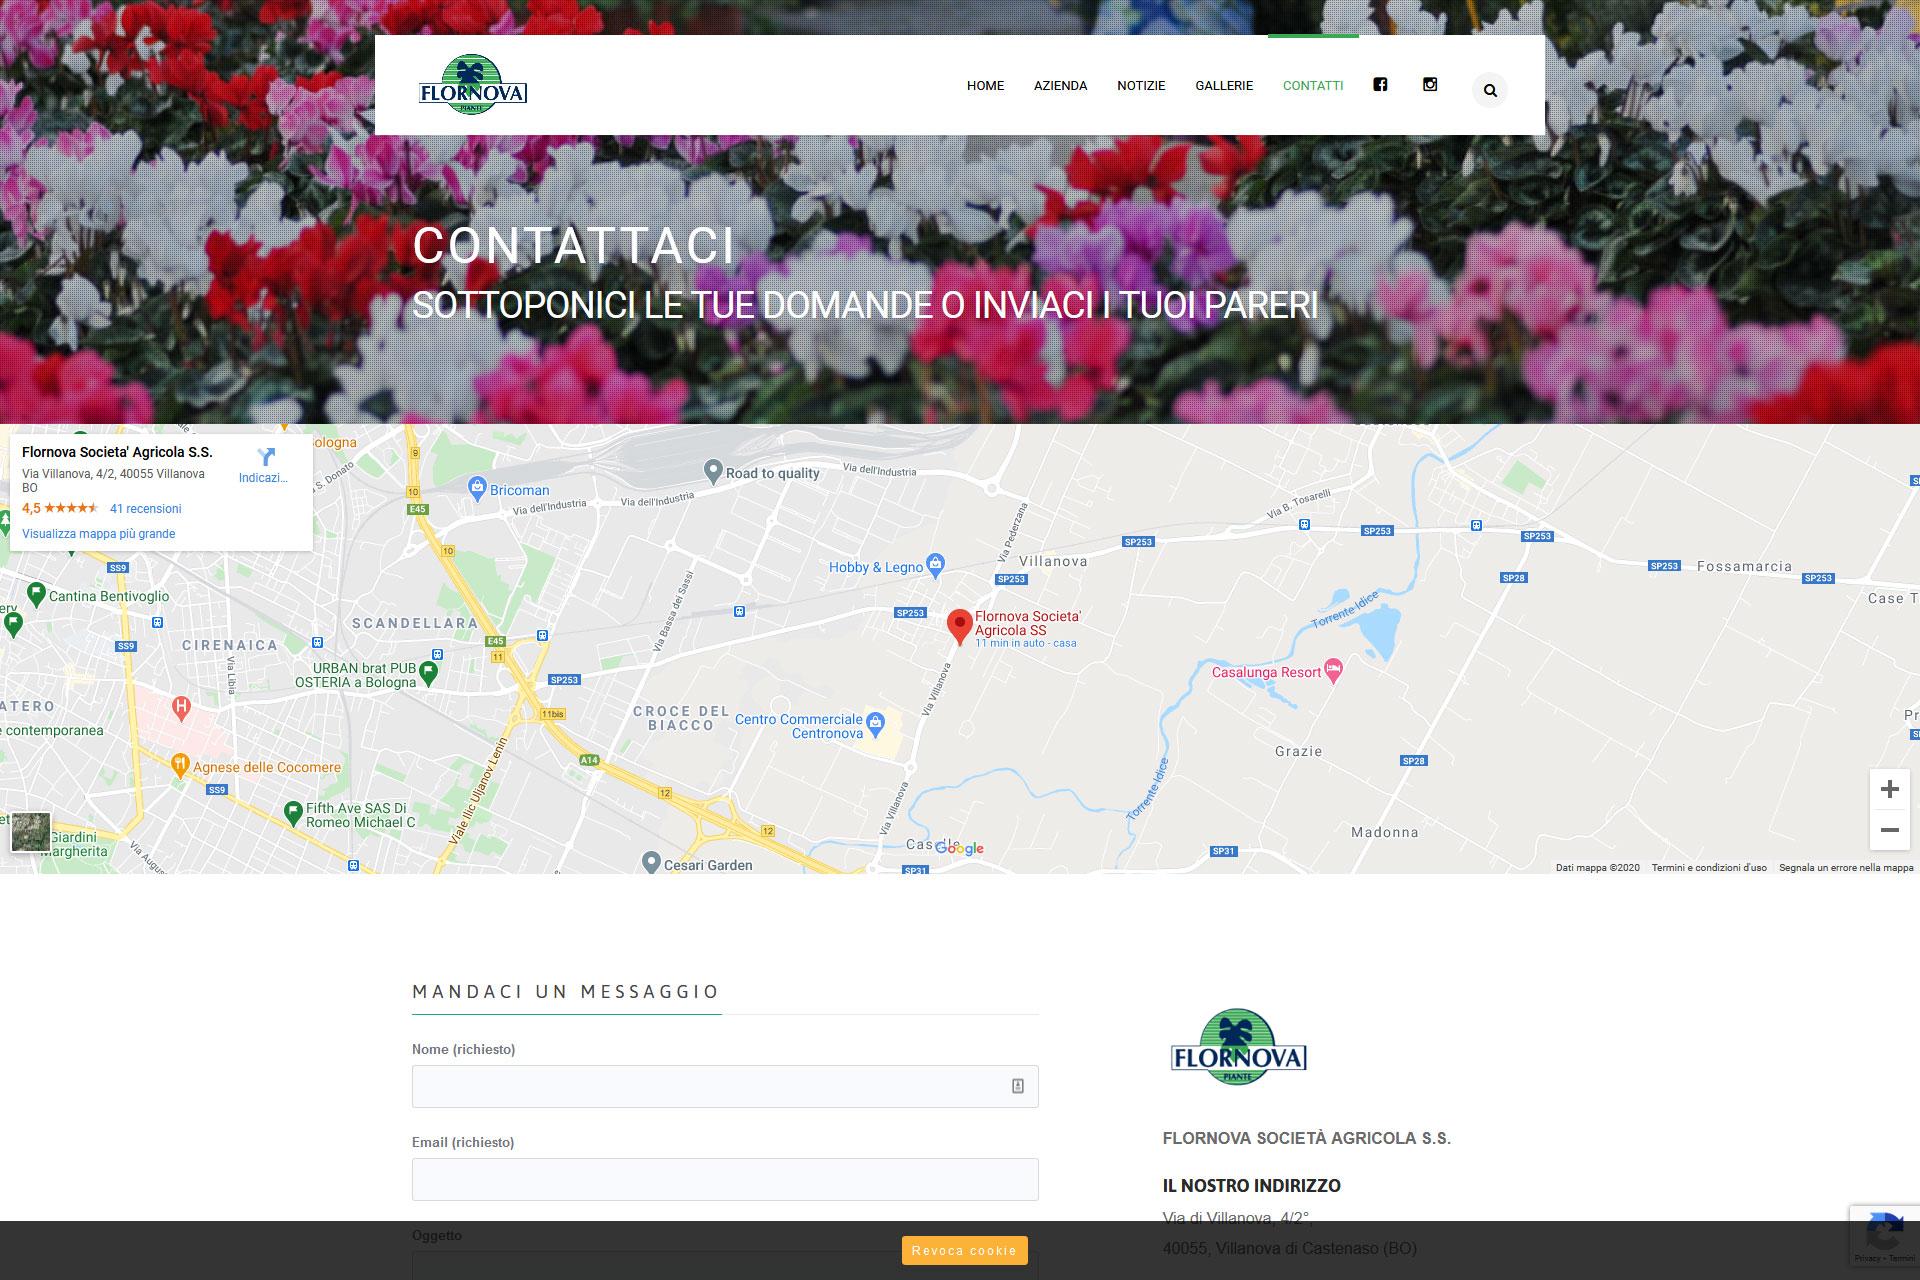 lv-design-realizzazione-siti-web-bologna-portfolio-flornova-piante-slide-2